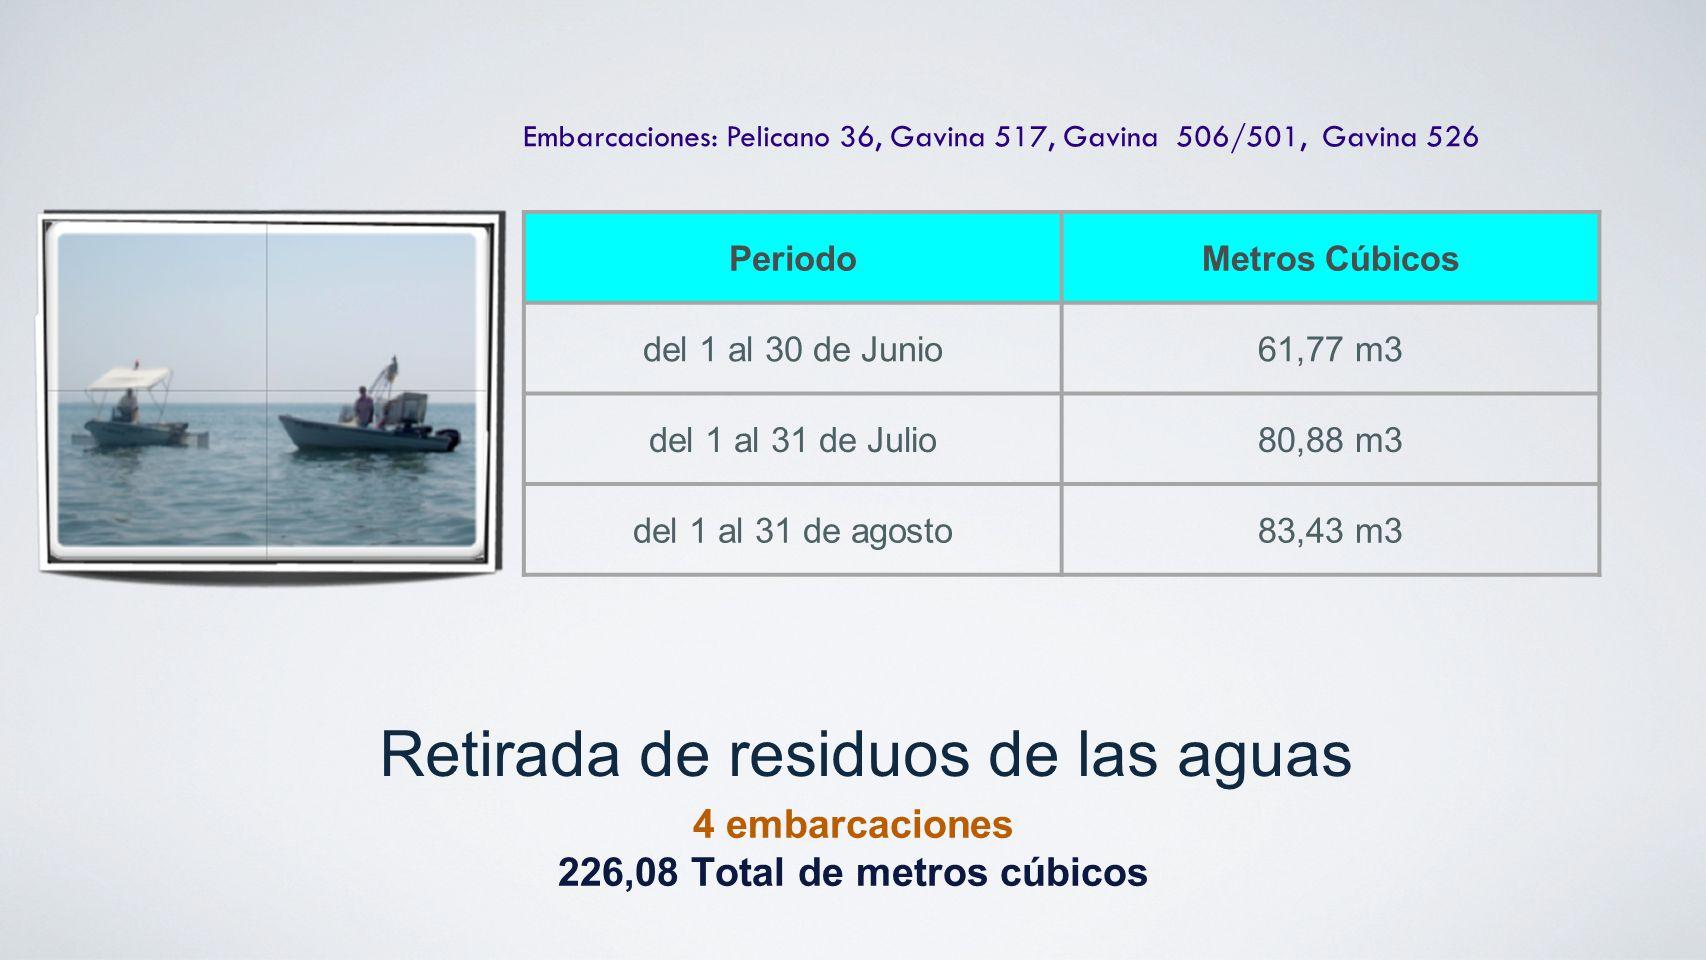 Retirada de residuos de las aguas 4 embarcaciones 226,08 Total de metros cúbicos Embarcaciones: Pelicano 36, Gavina 517, Gavina 506/501, Gavina 526 Pe